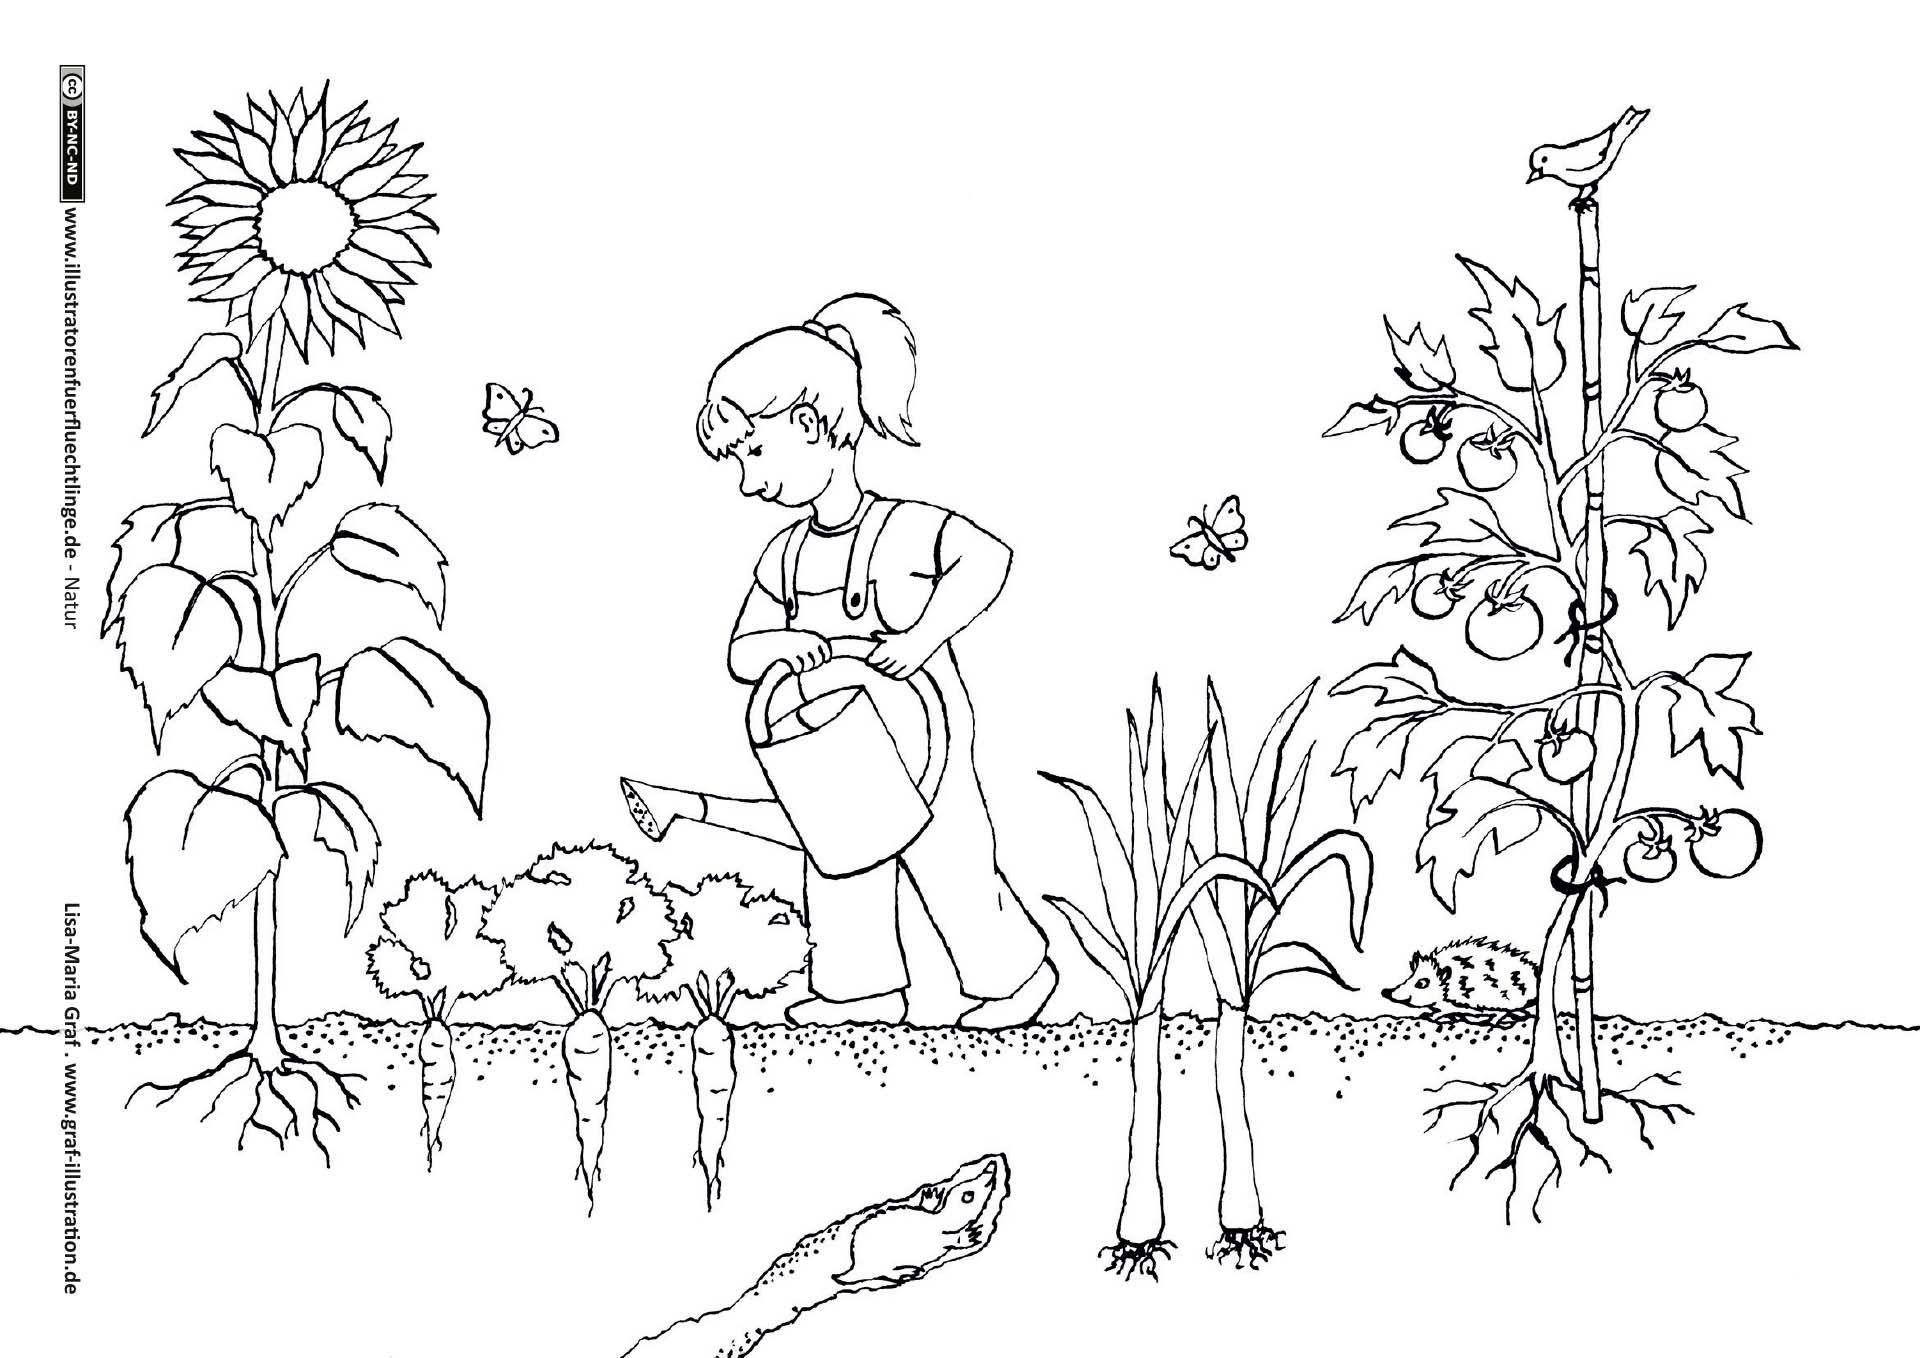 Garten Gartenarbeit Gemüse Gartenarbeit Garten Natur